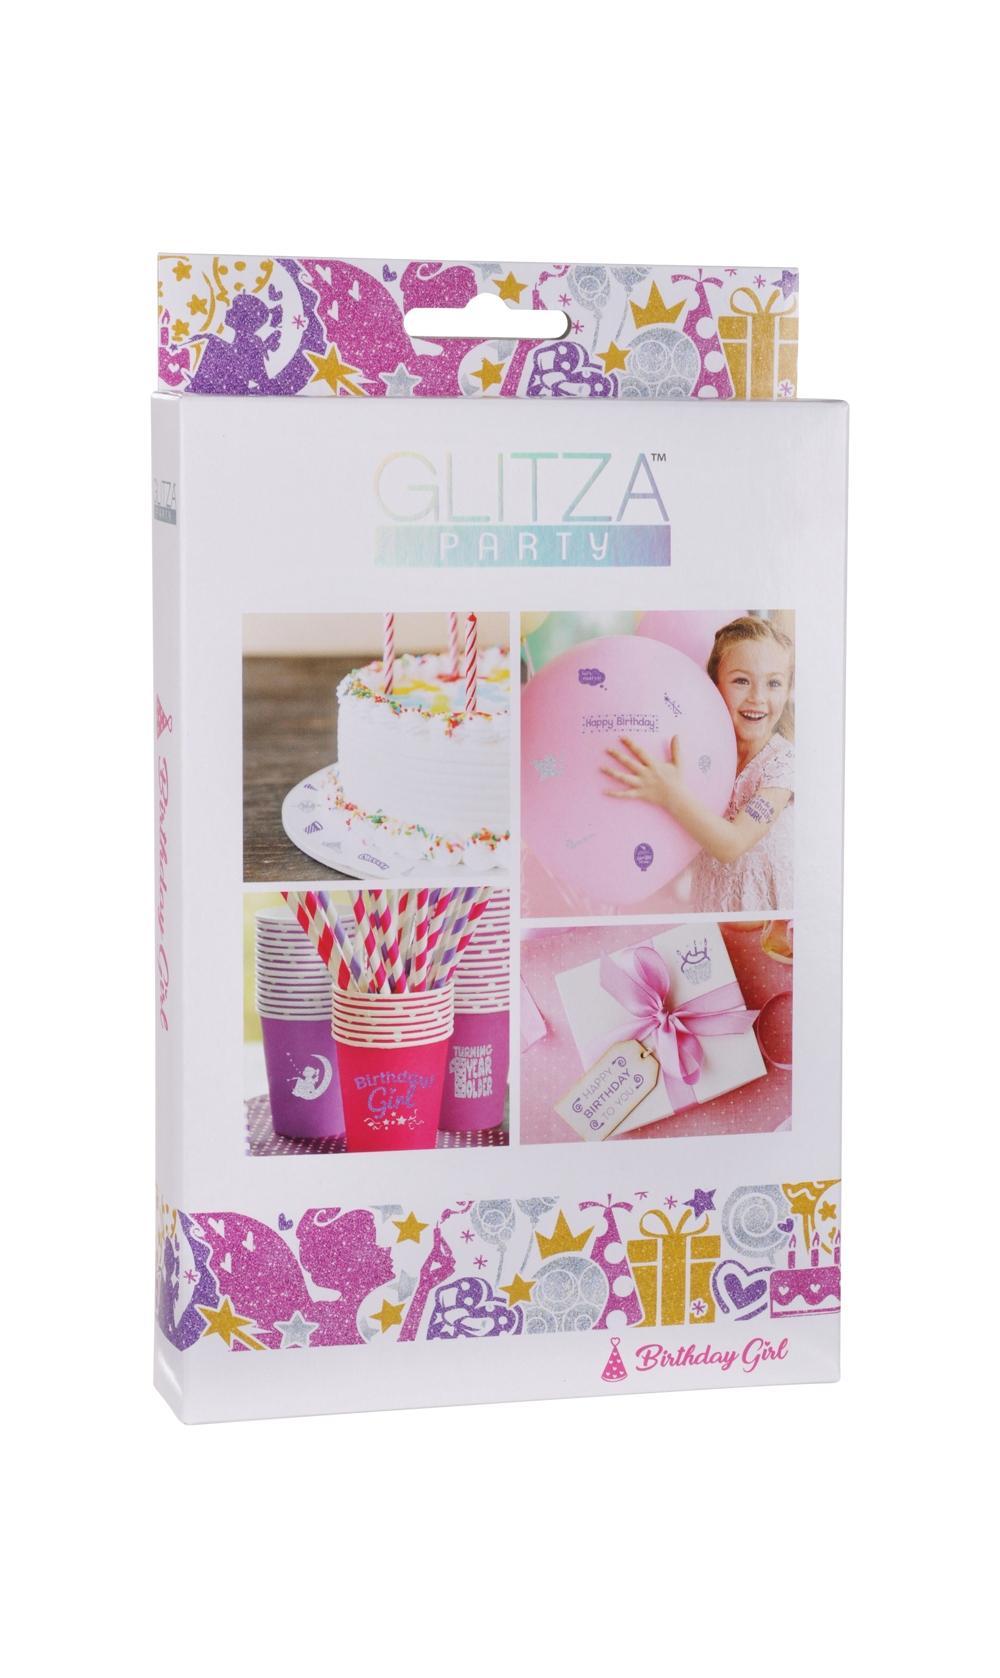 Knorrtoys Glitza Party Birthday Girl